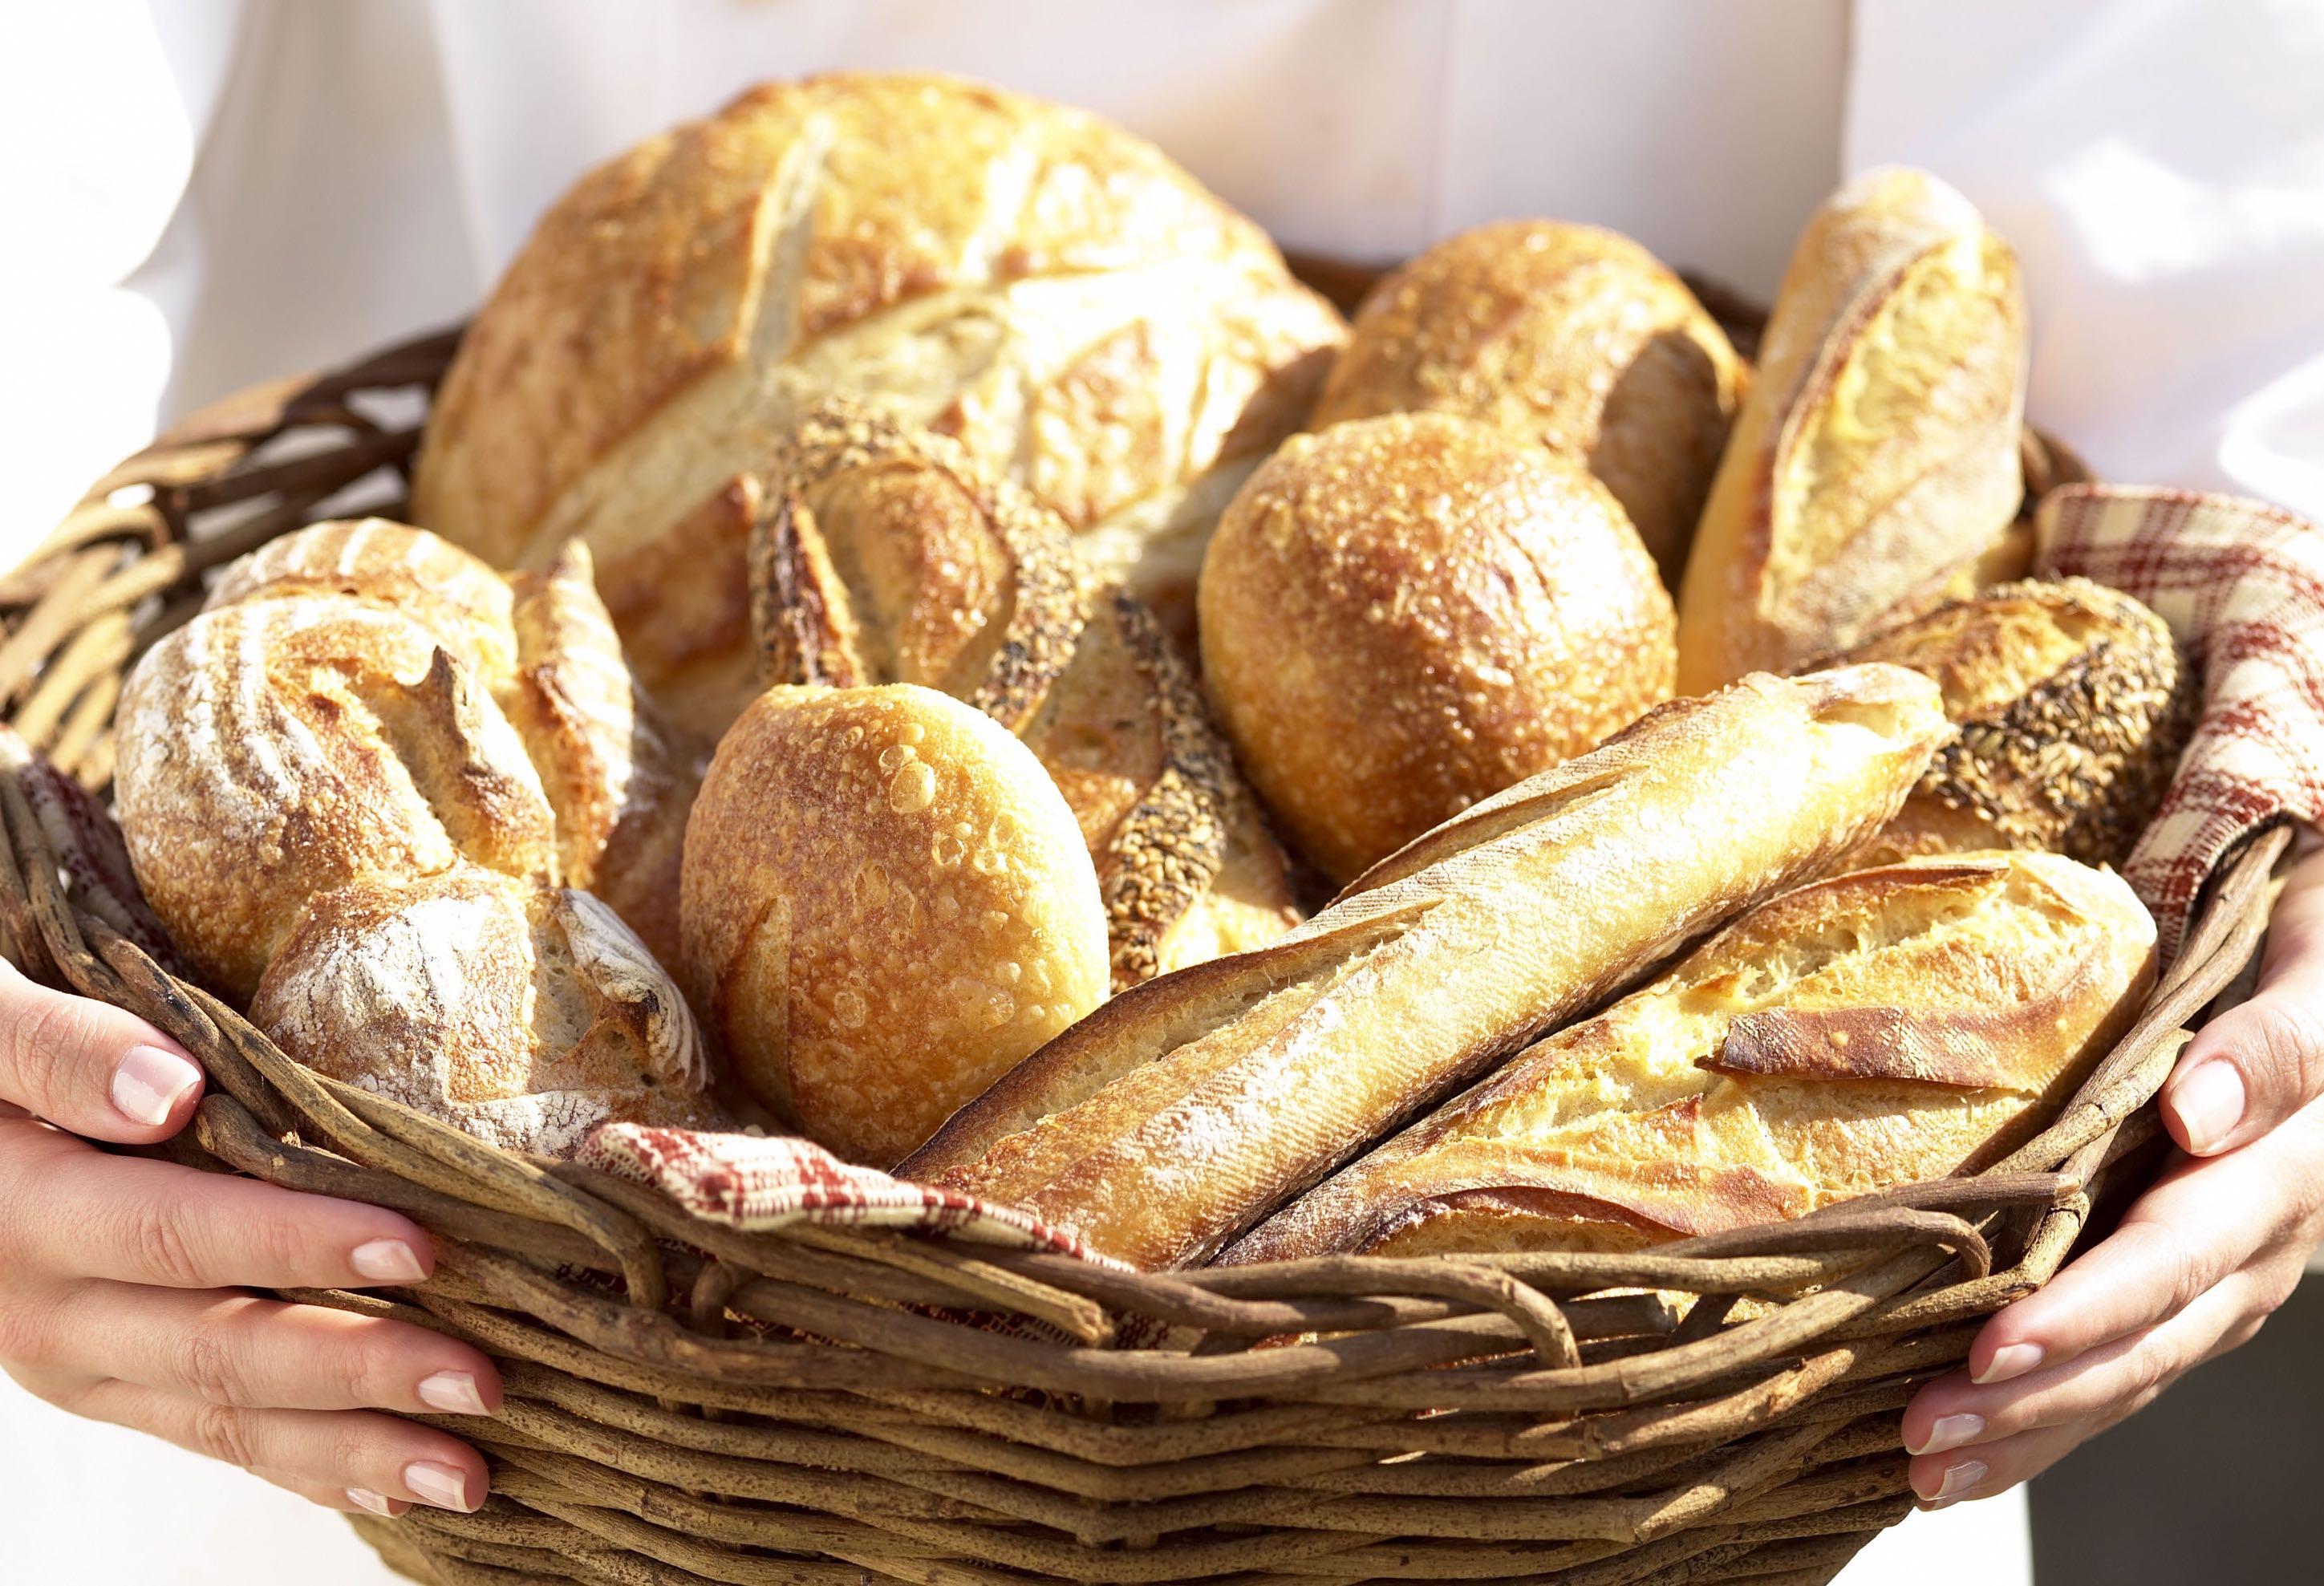 Intresset att välja svenskt har nått brödhyllan